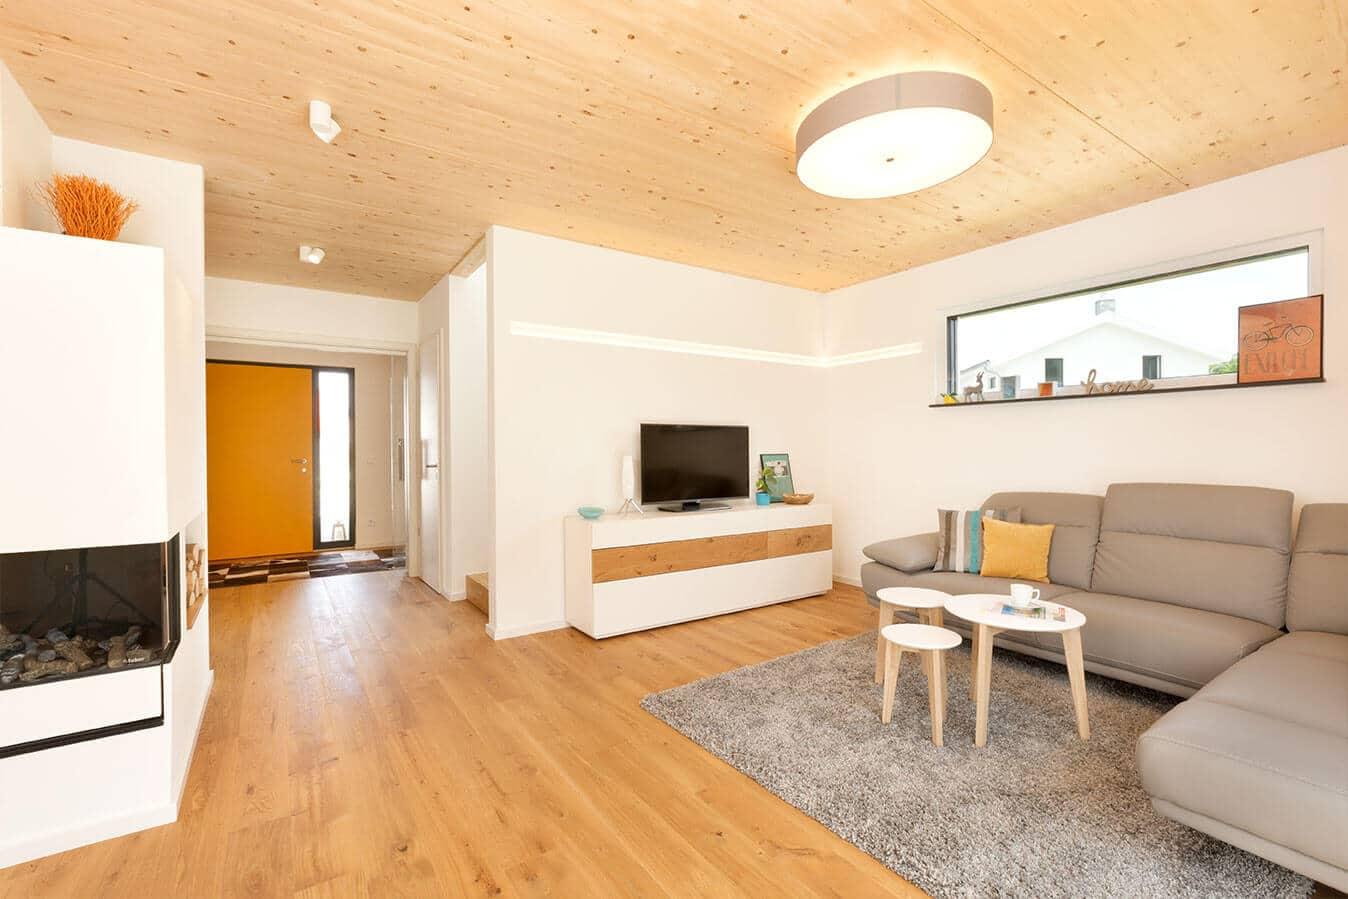 Musterhaus Günzburg - Wohnzimmer mit Kamin